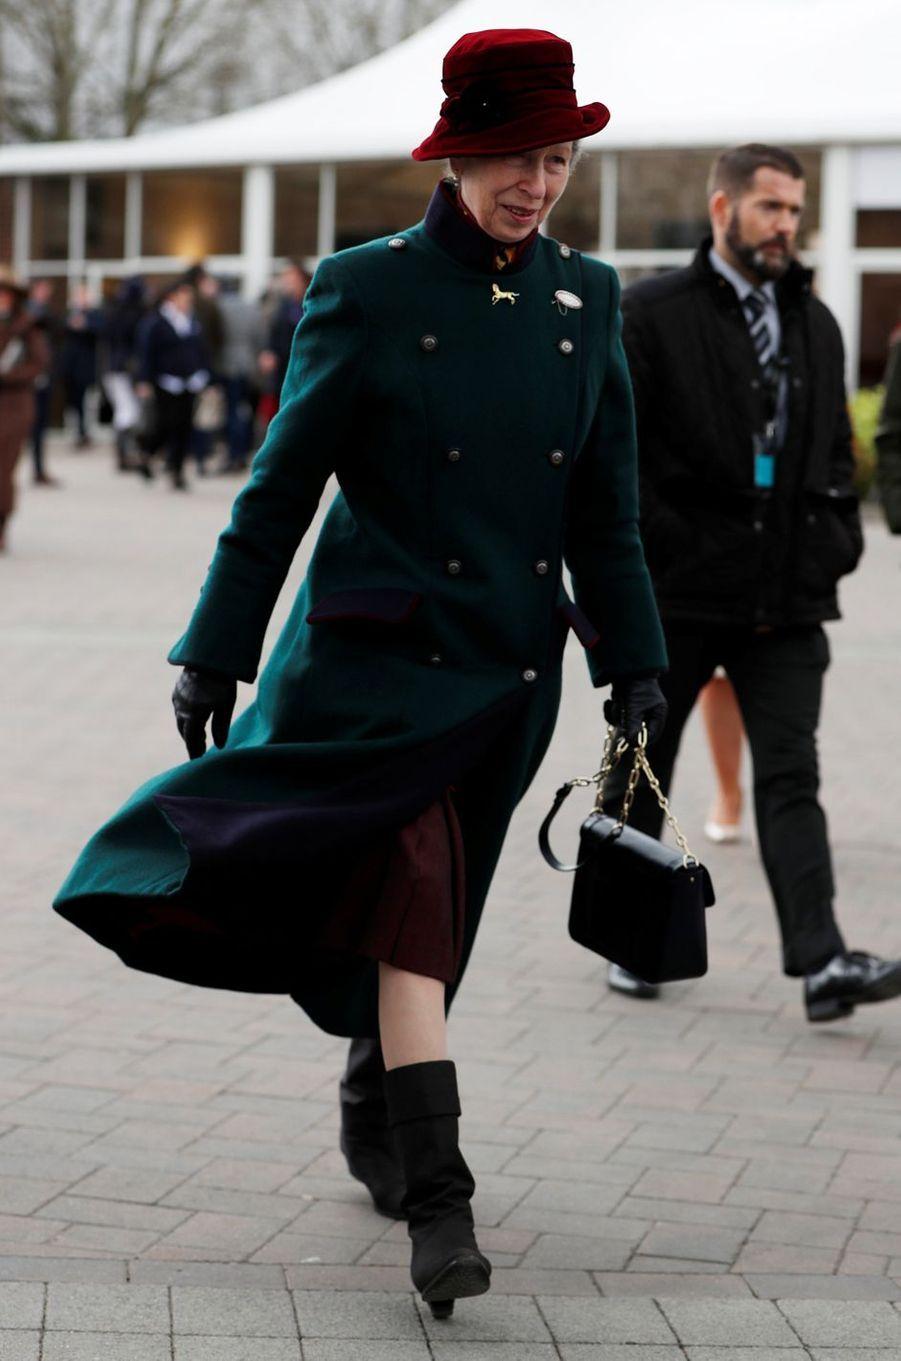 La princesse Anne au Cheltenham Festival, le 13 mars 2019